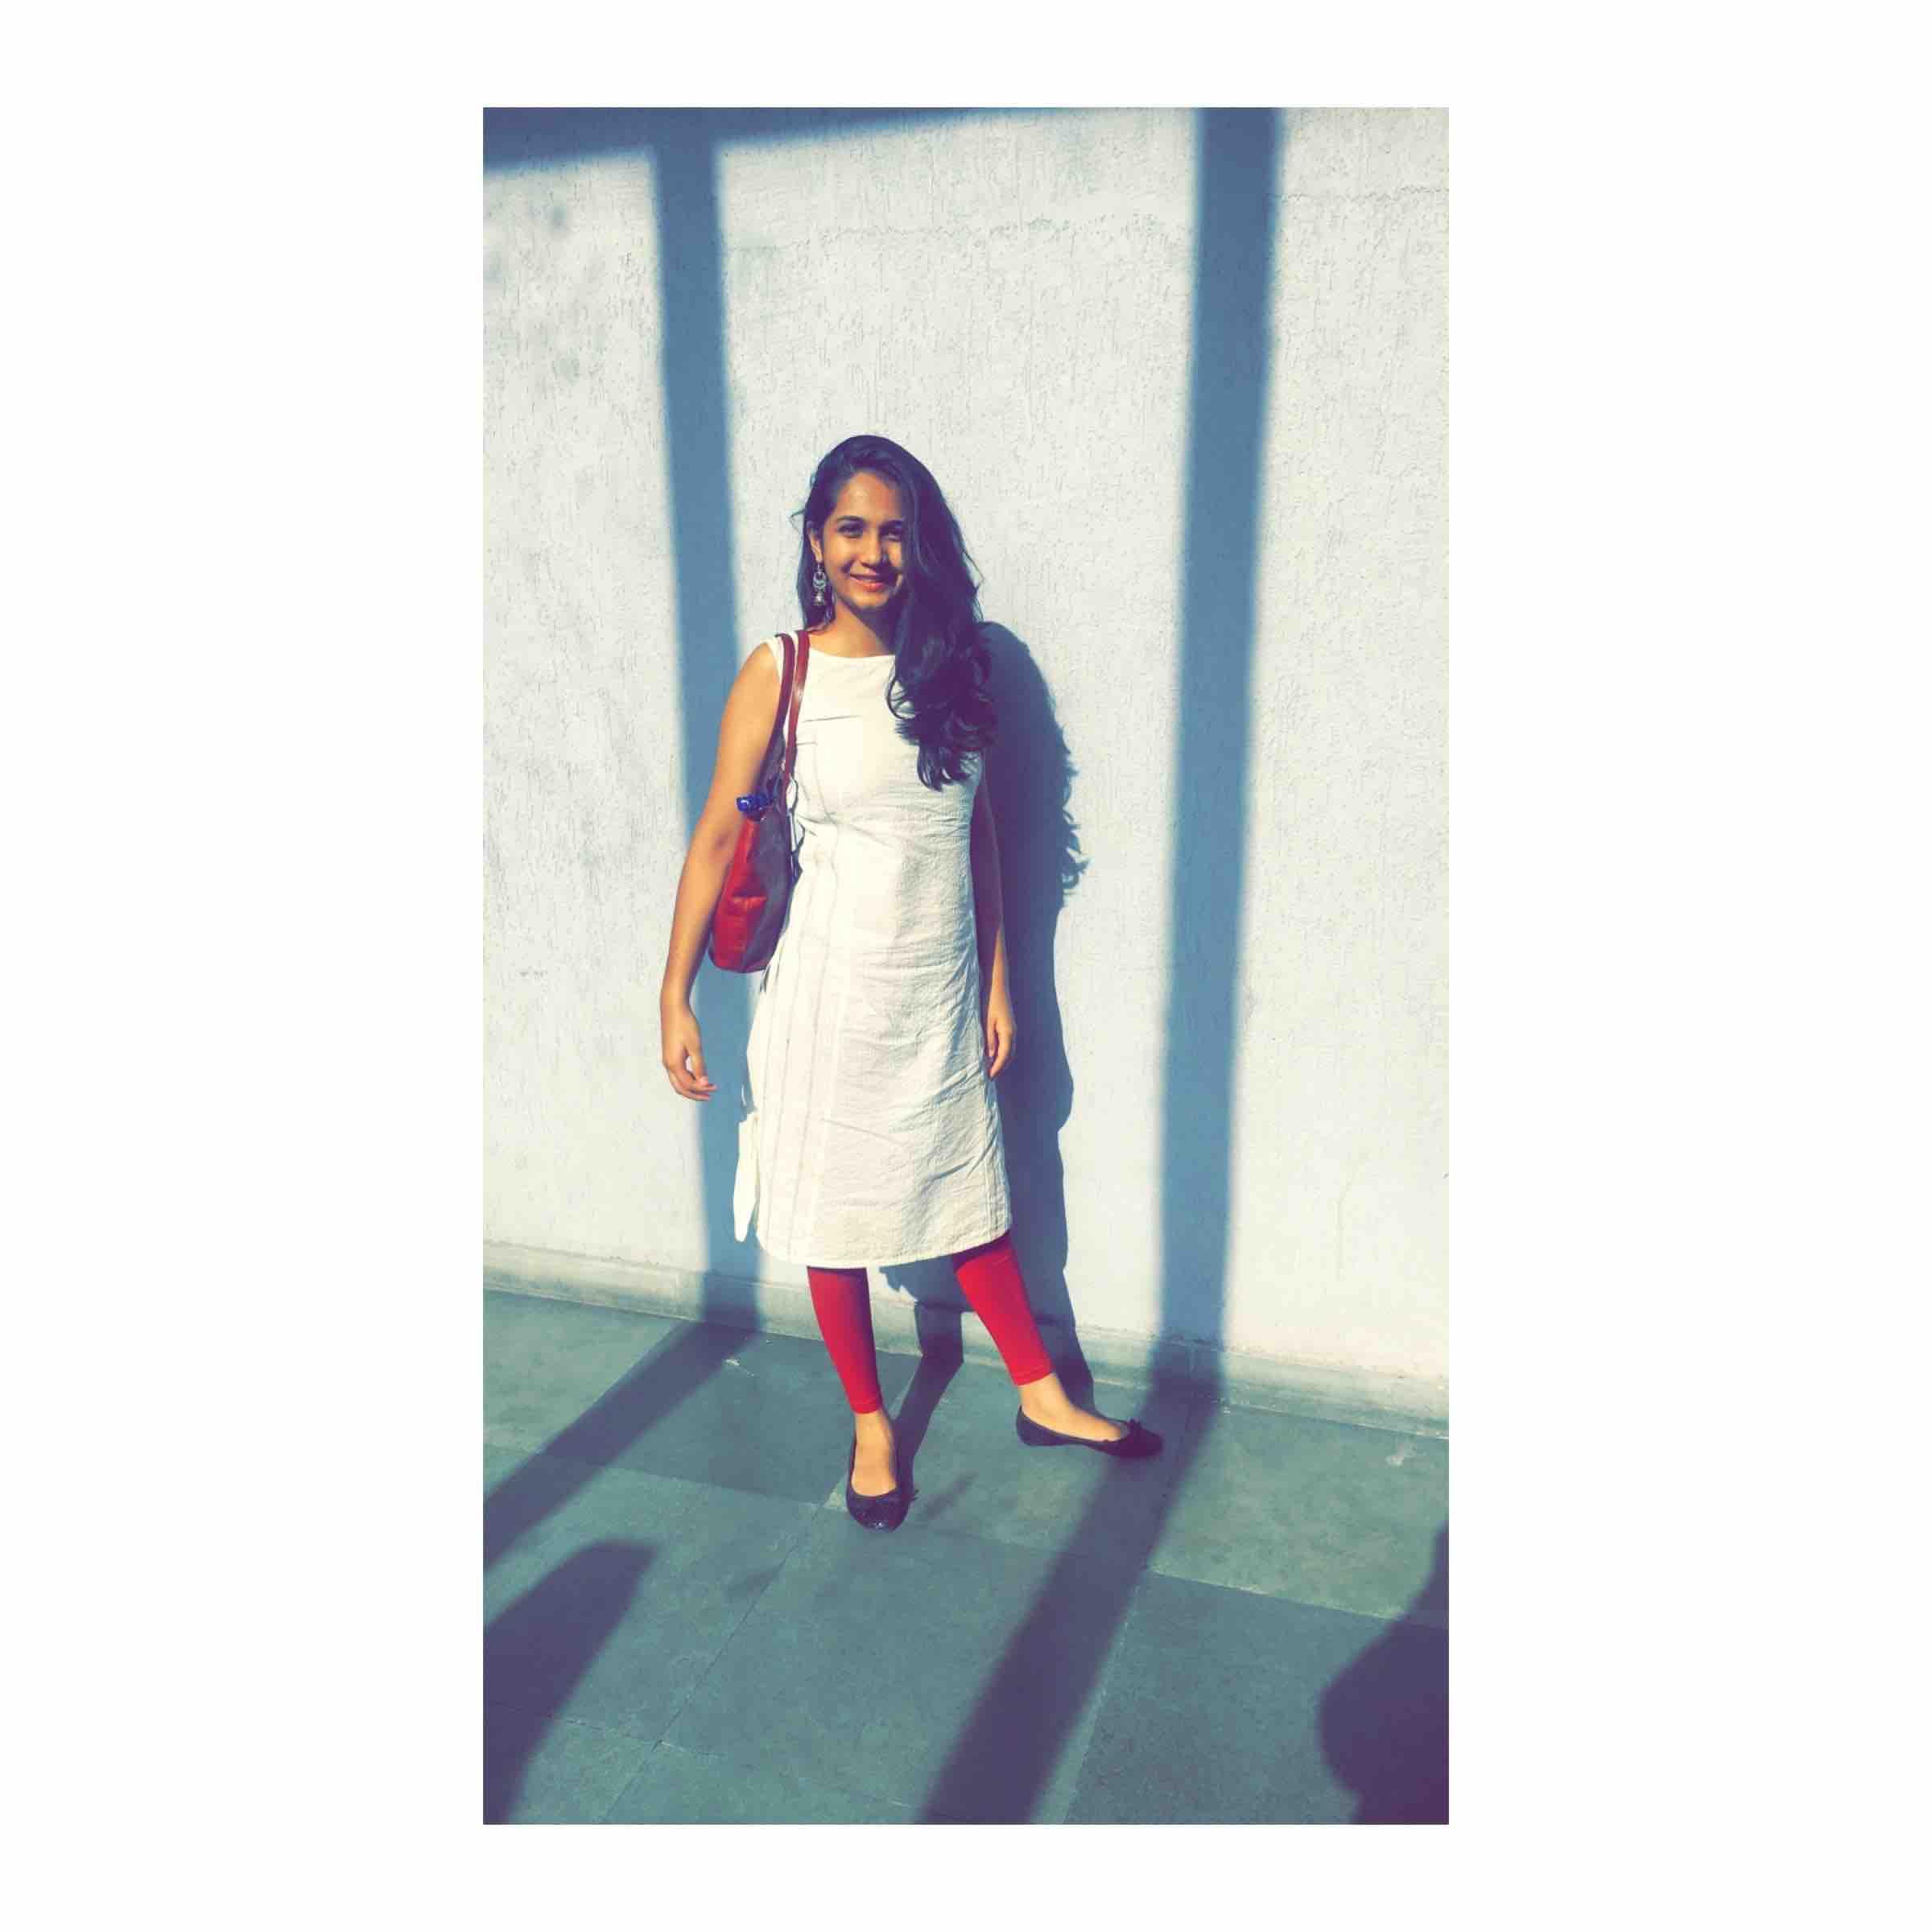 Dr. Yukti Singh